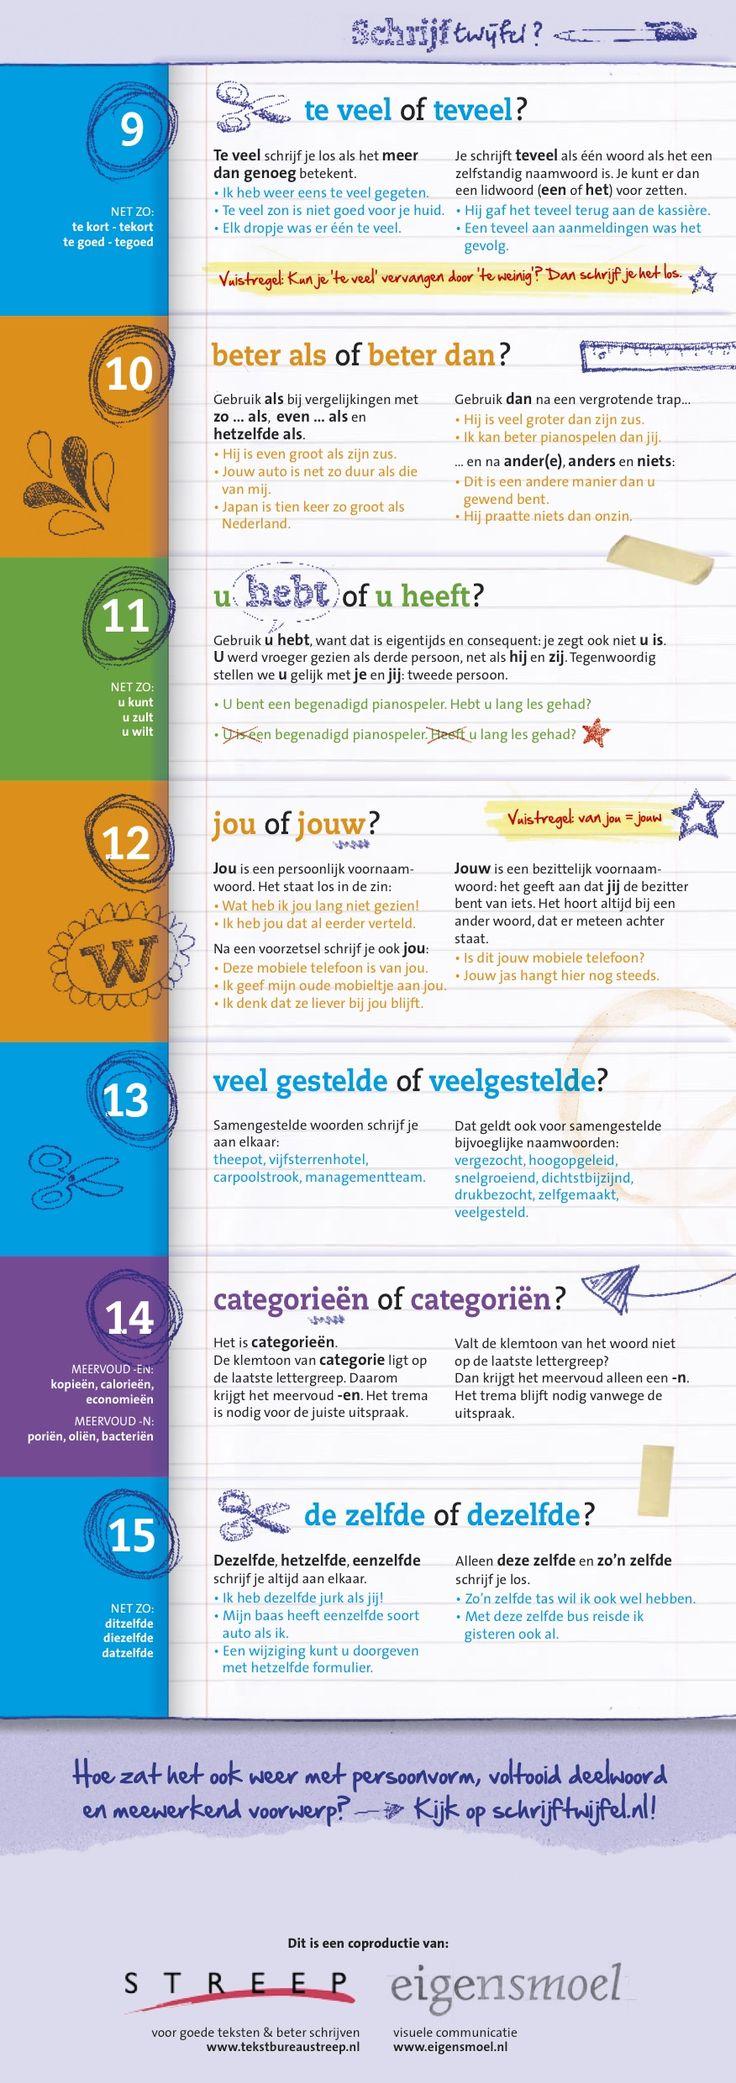 Zo vermijd je de 15 meestgemaakte taal- en spelfouten | Schrijftwijfel